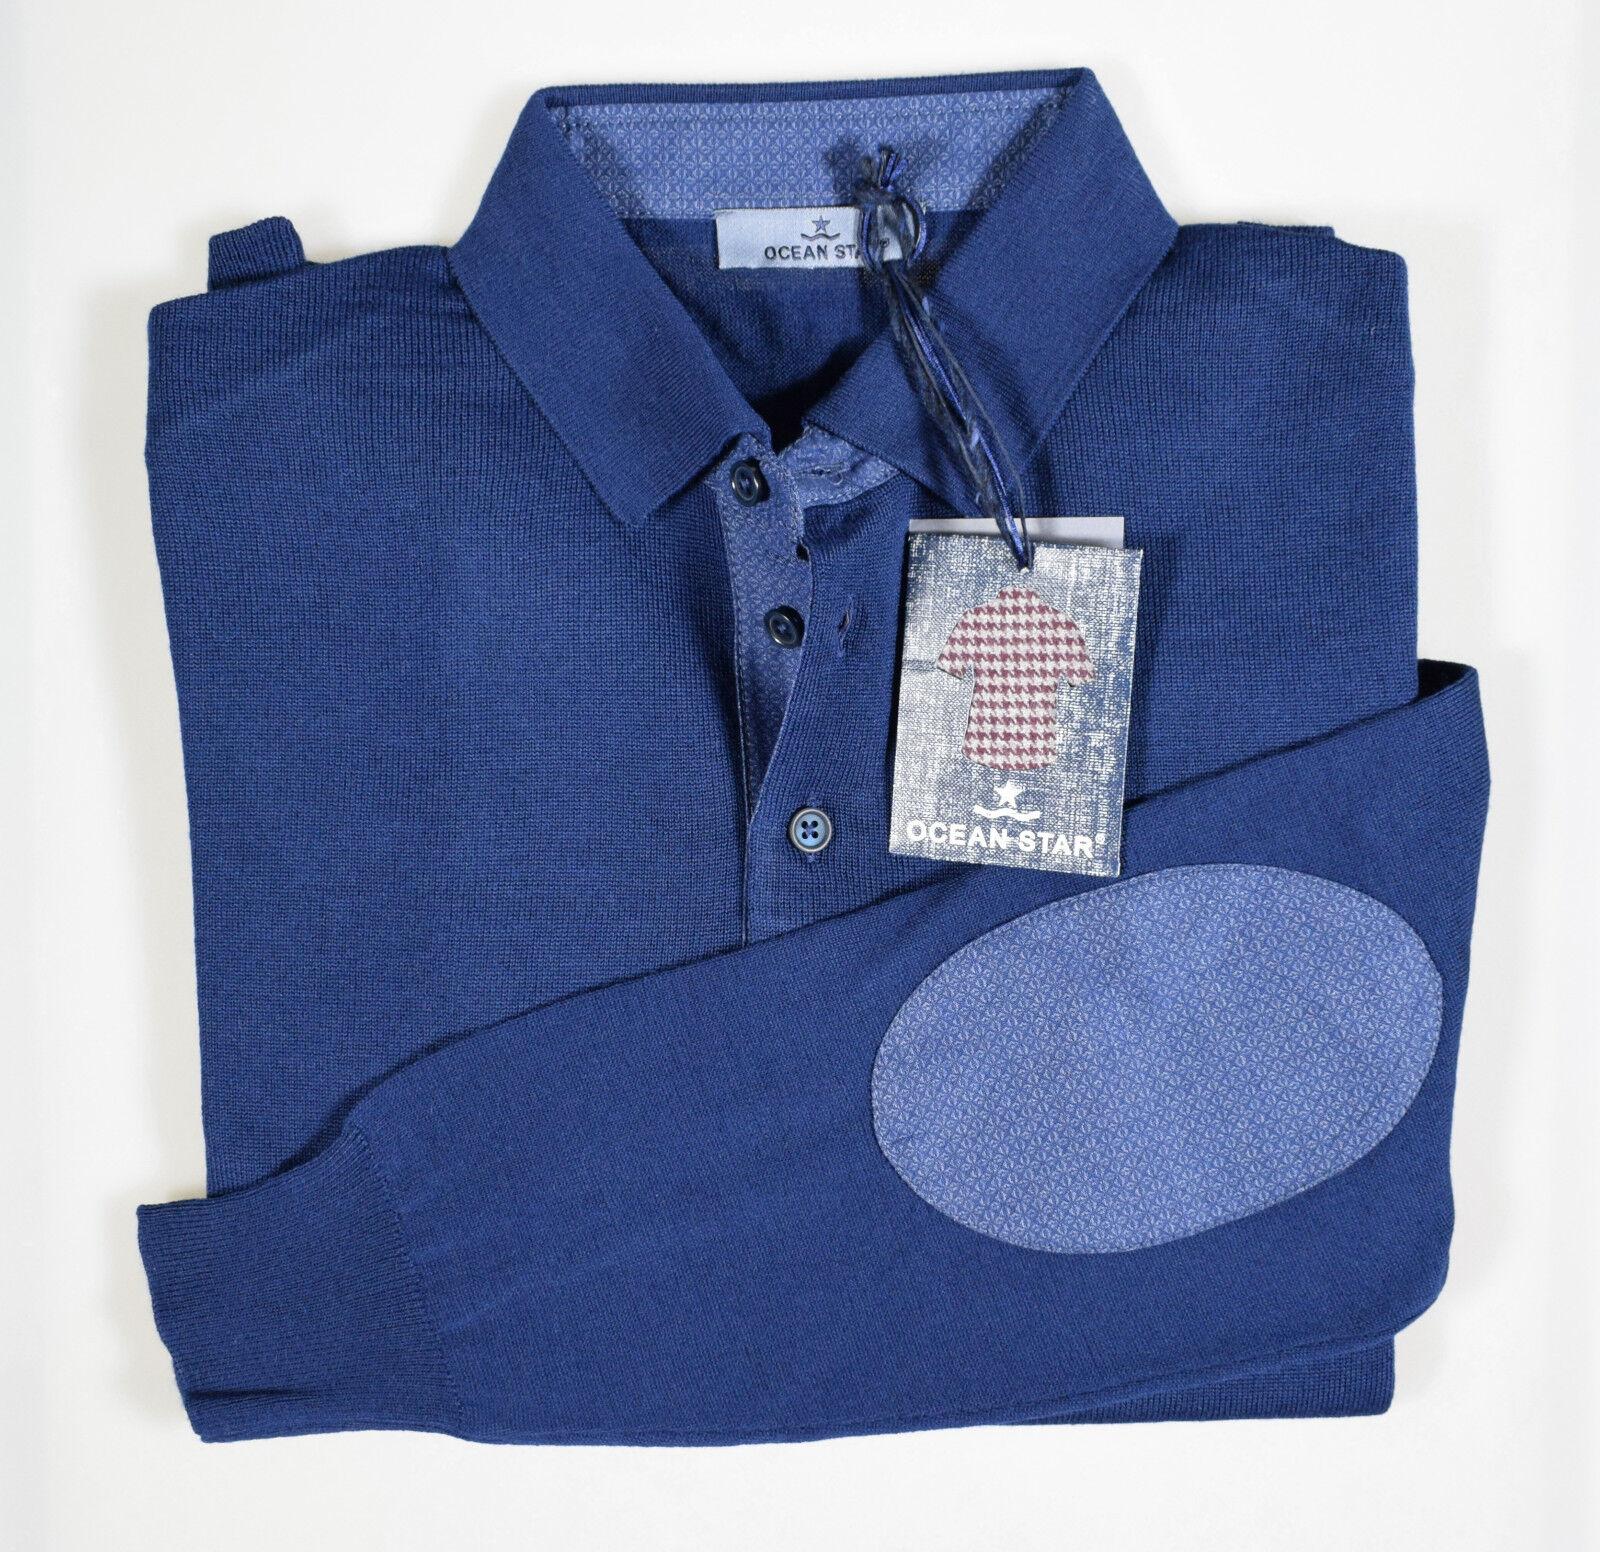 Maglione Polo in misto Lana Merino pettinata Ocean Star con Toppe Modern Fit